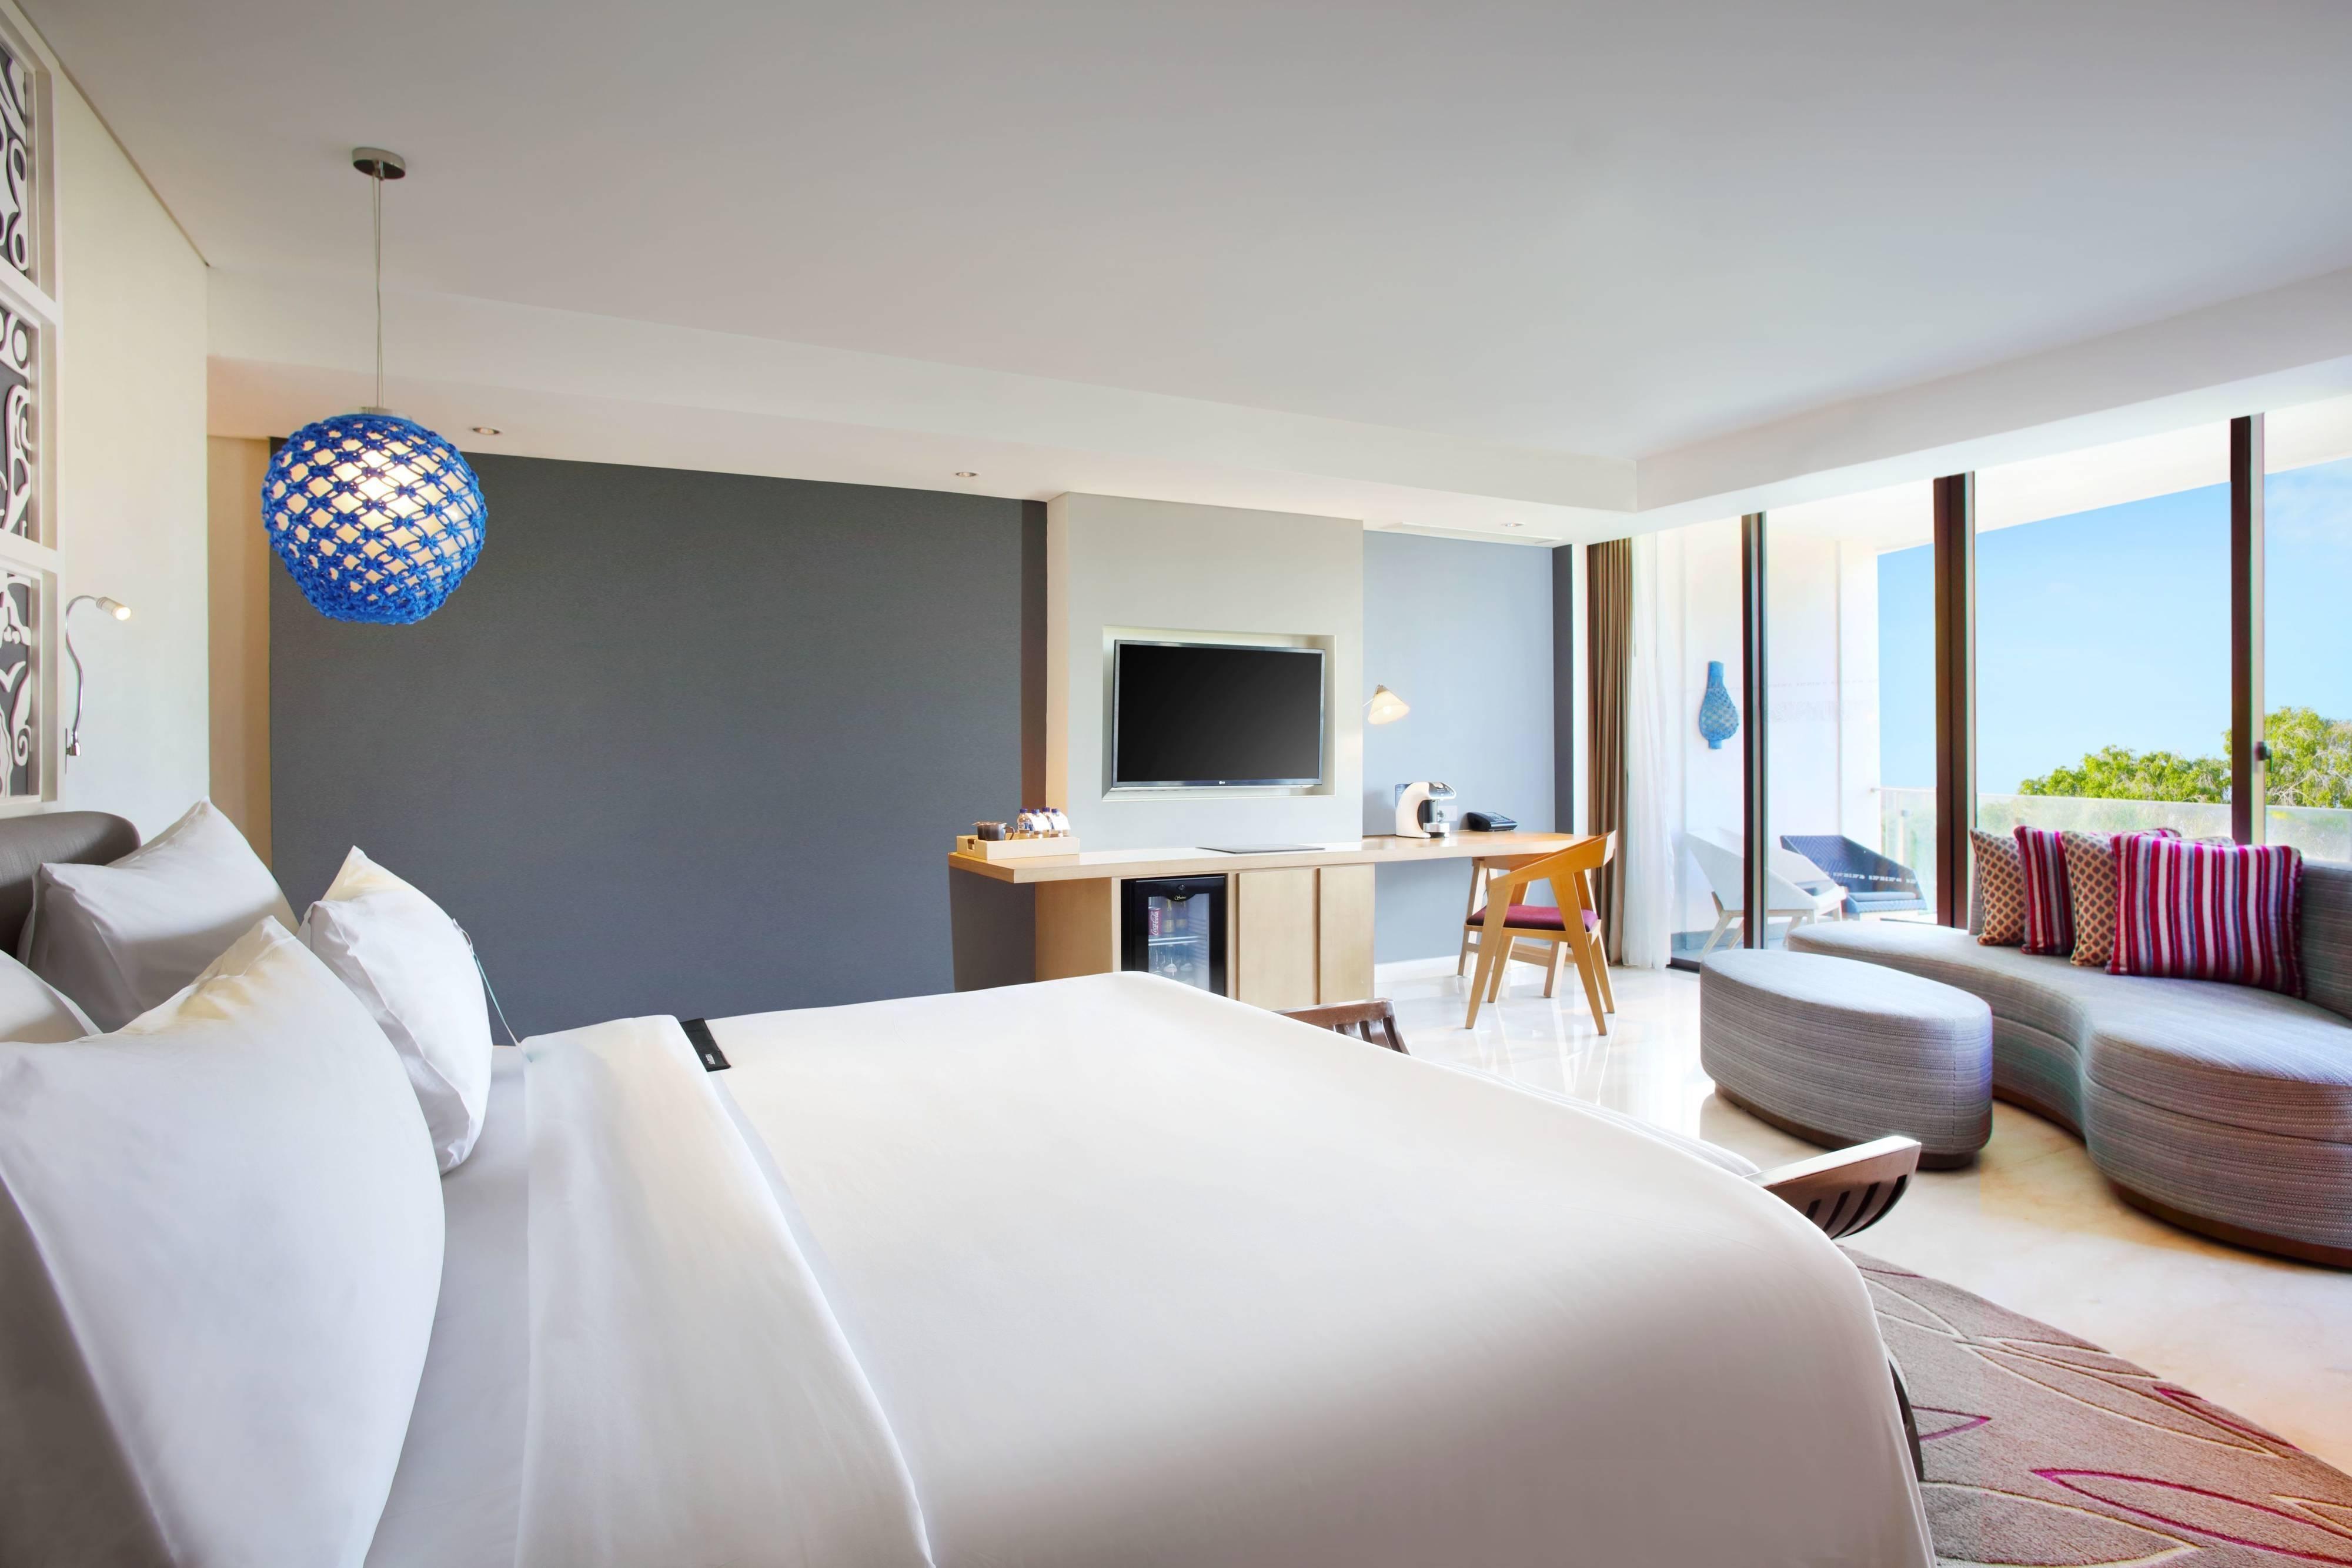 Suiten Mit 1 Schlafzimmer(n)